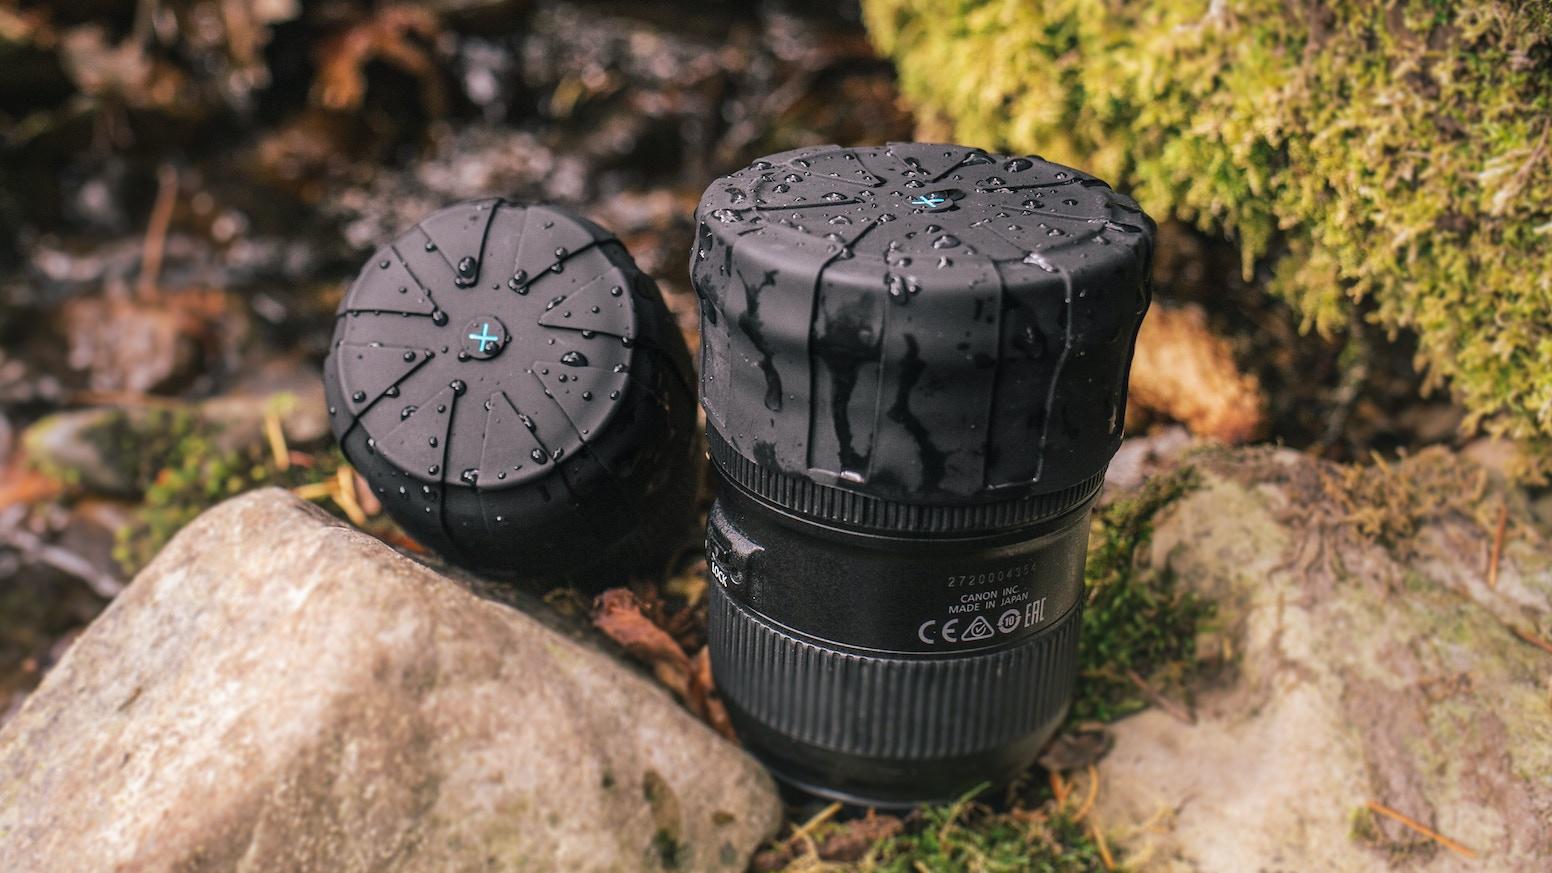 Universal Lens Cap - 1 Cap for Every DSLR Camera Lens